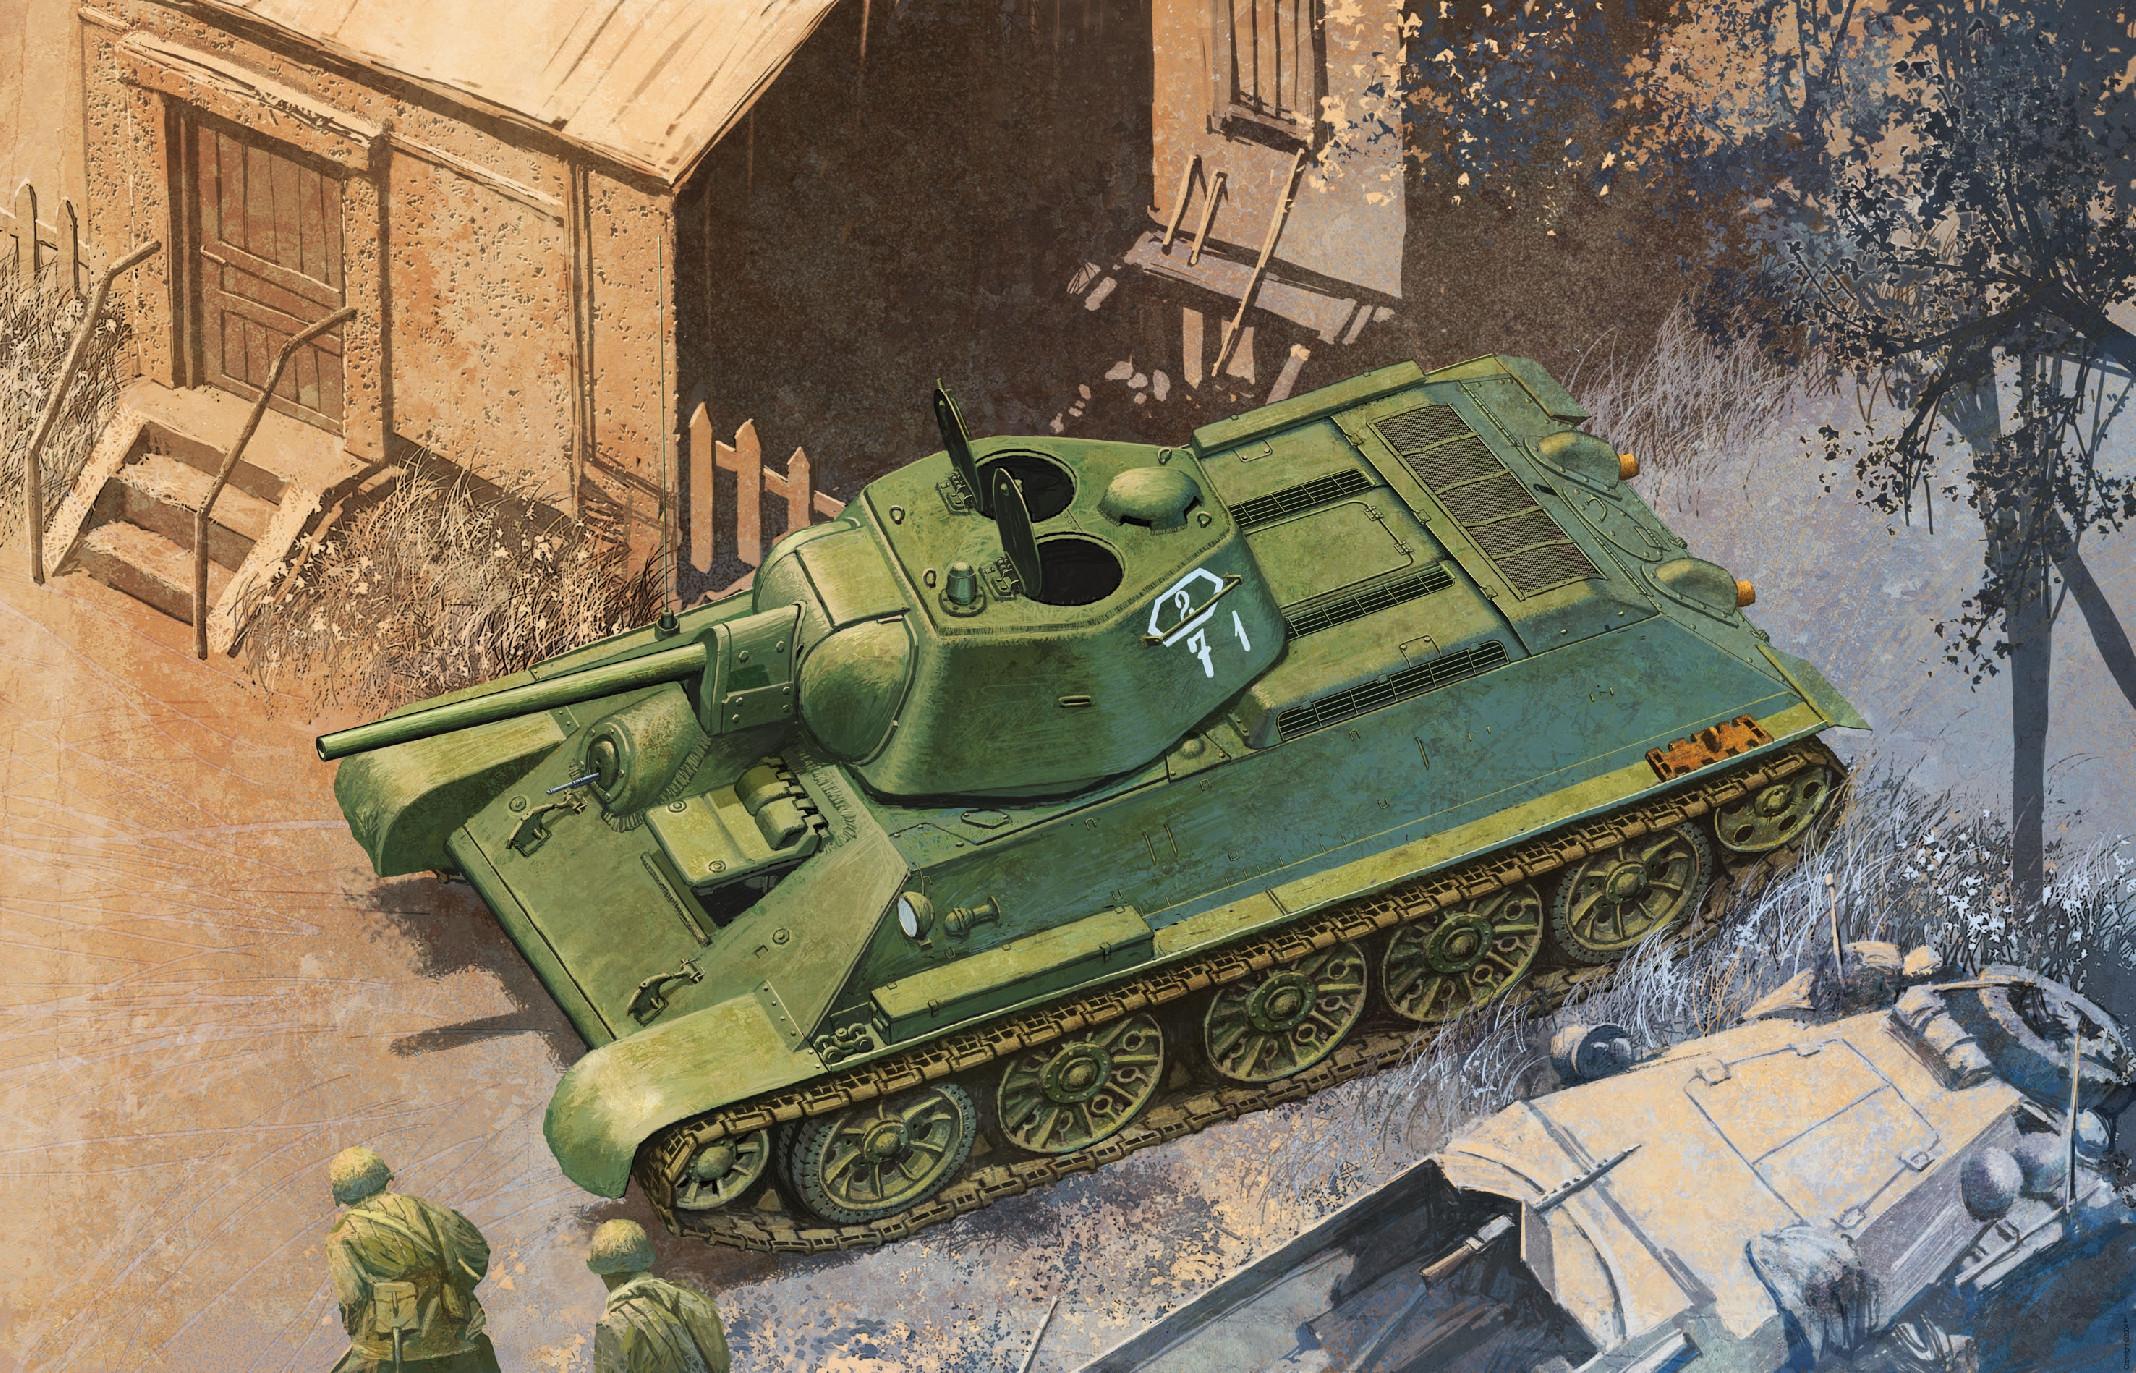 Model Kit tank 6424 - T-34/76 Mod.1942, HEXAGONAL TURRET SOFT EDGE TYPE (SMART KIT) (1:35)